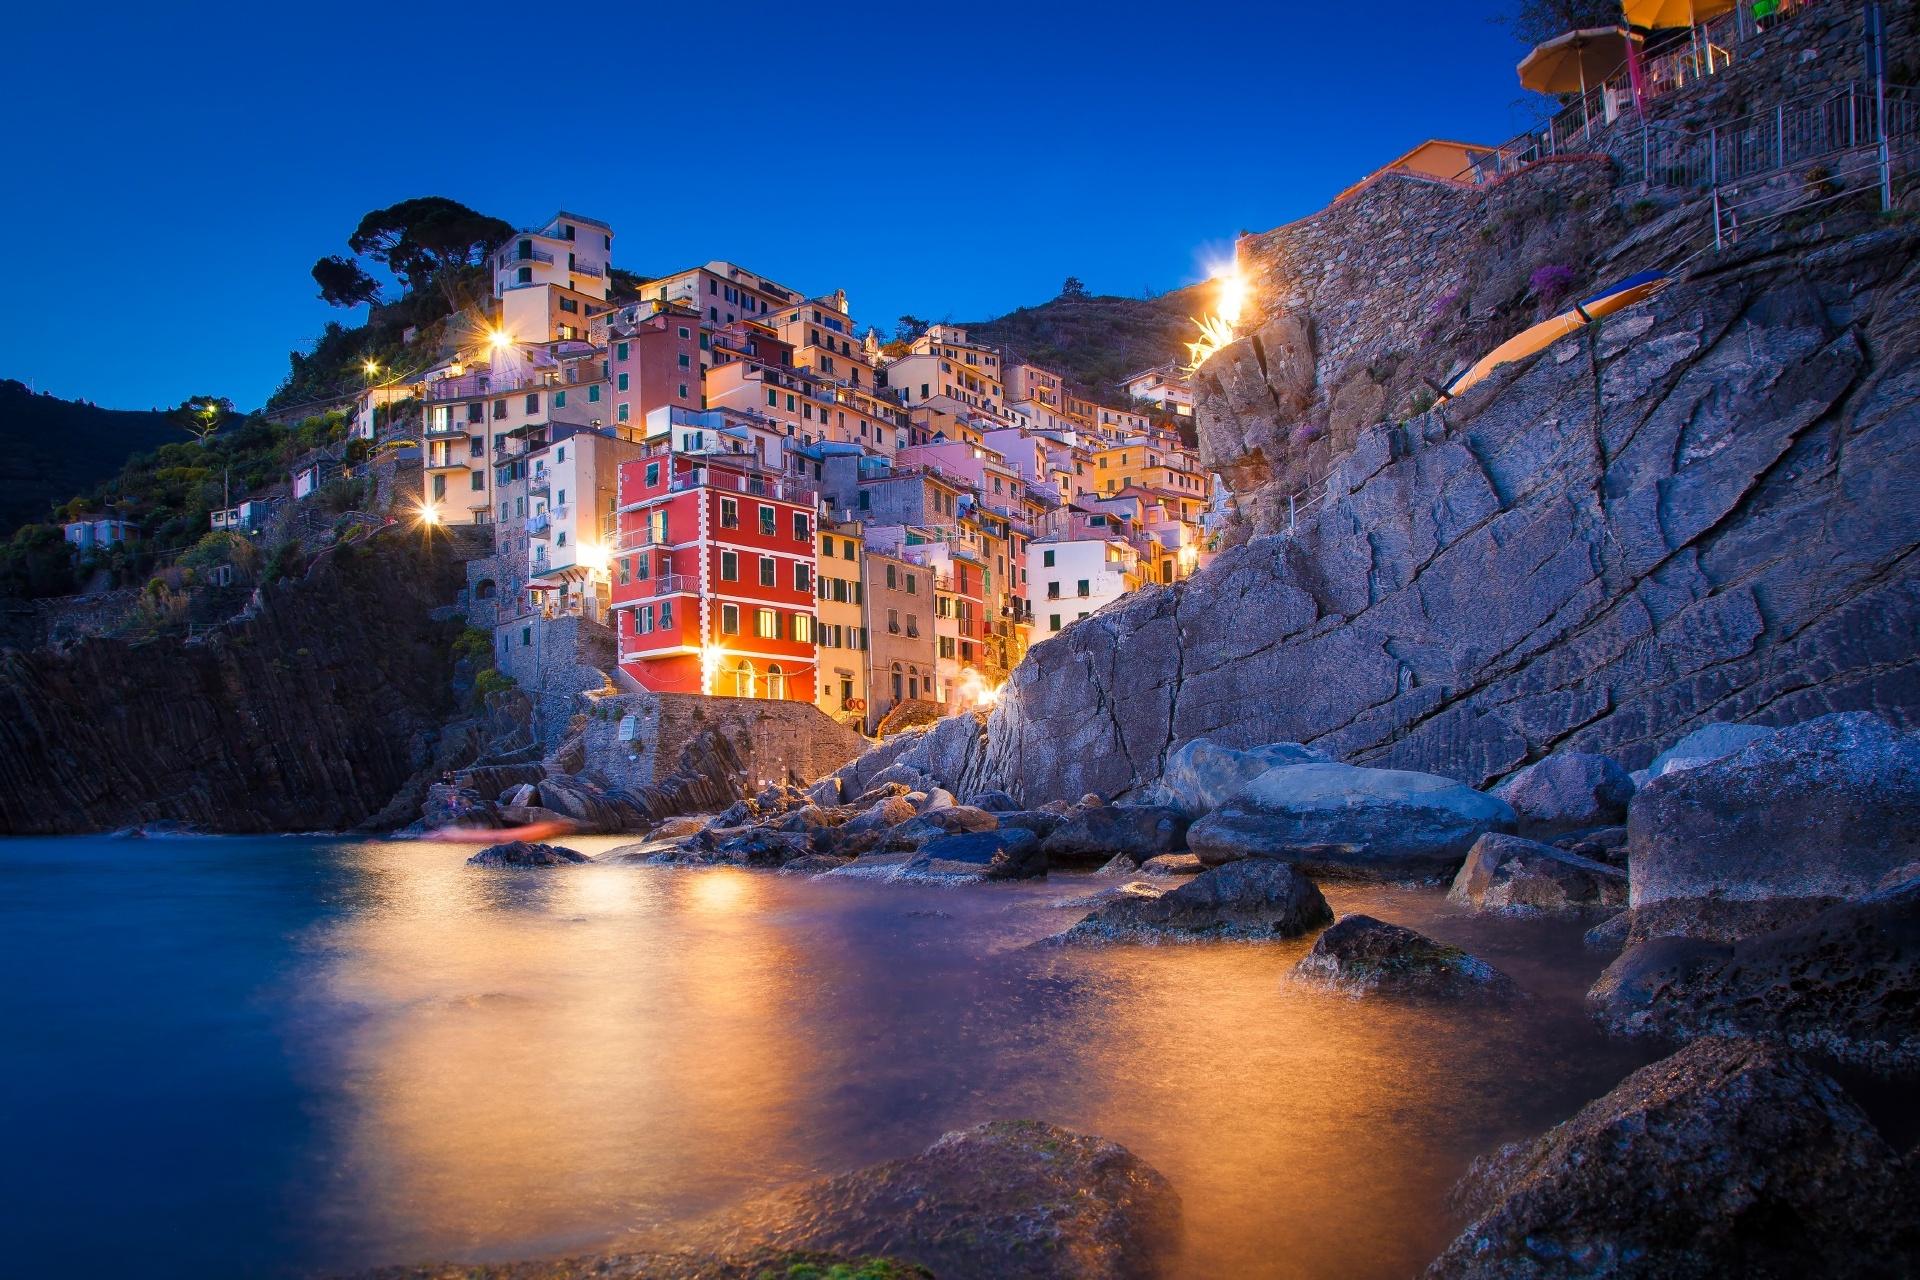 チンクエ・テッレ 夜のリオマッジョーレの風景 イタリアの風景